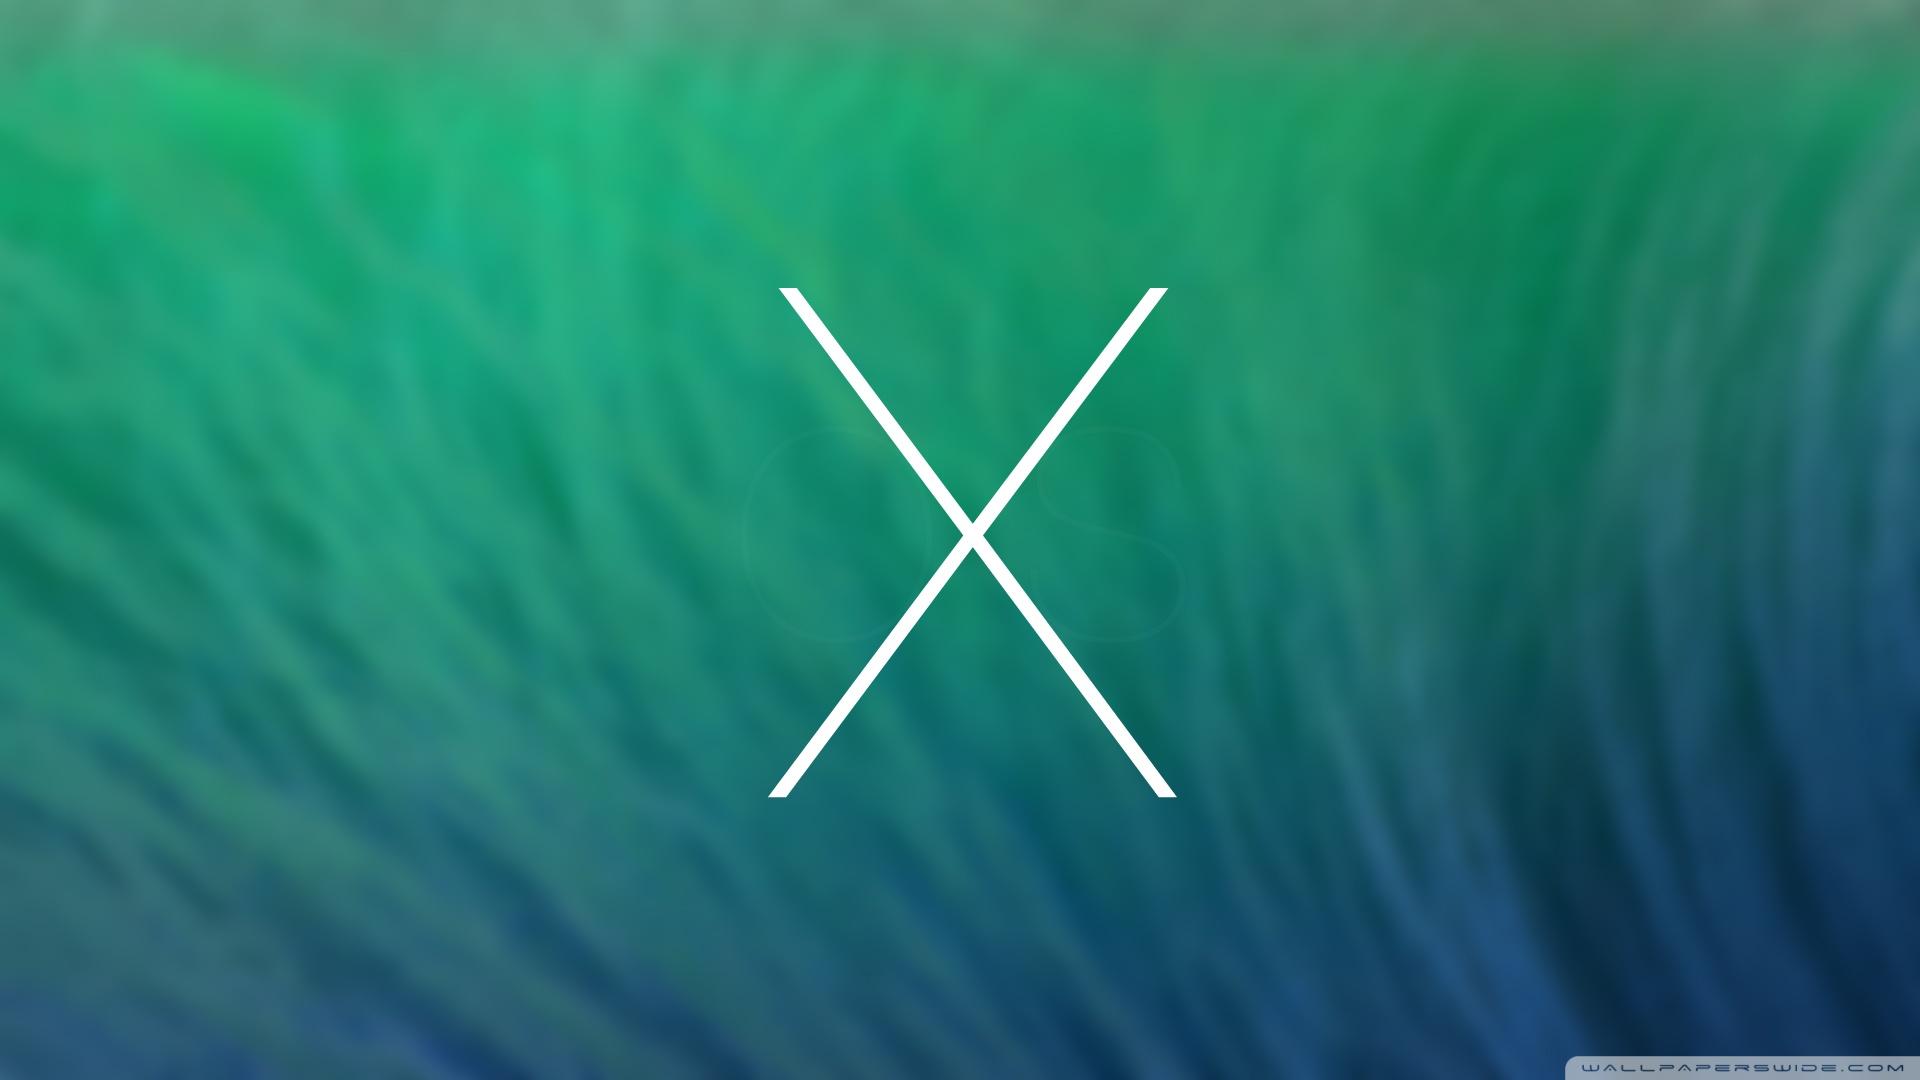 OS X Mavericks HD desktop wallpaper : High Definition : Fullscreen